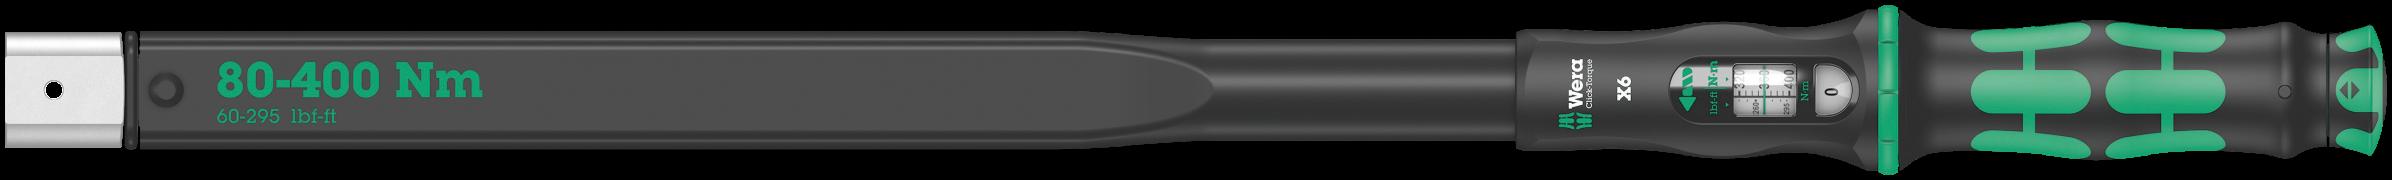 Clé dynamométrique à outil interchangeable Click-Torque X6  - 05075656001 - Wera Tools